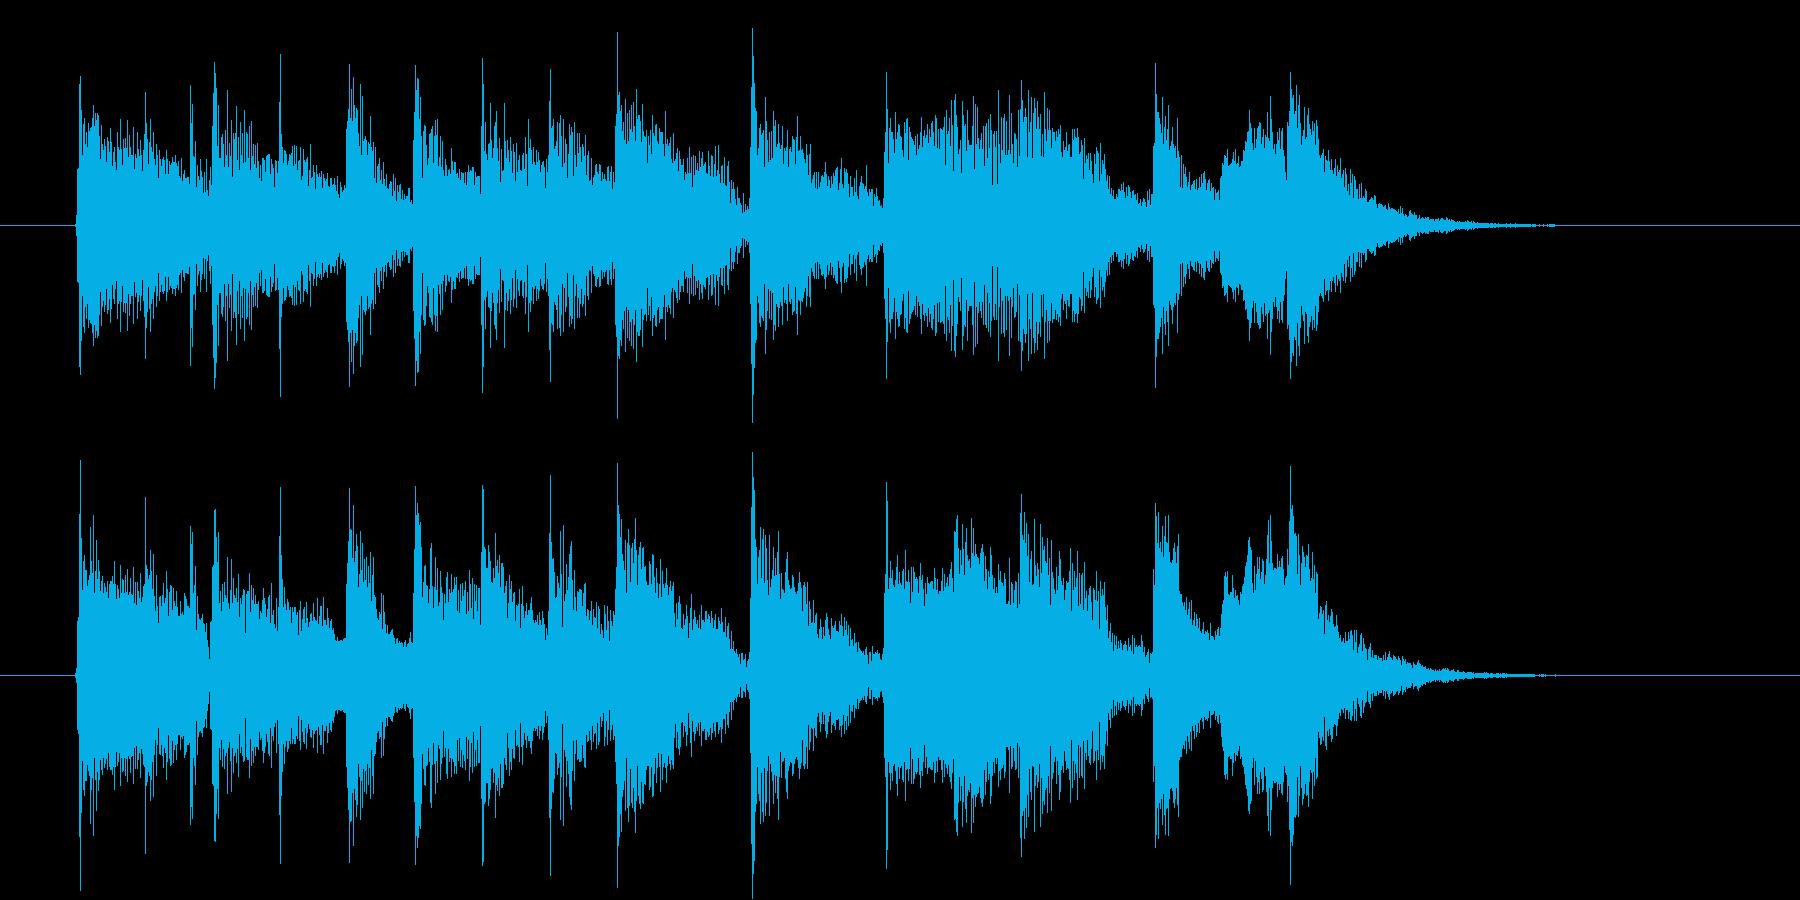 のどかな音色のジングル、サウンドロゴの再生済みの波形